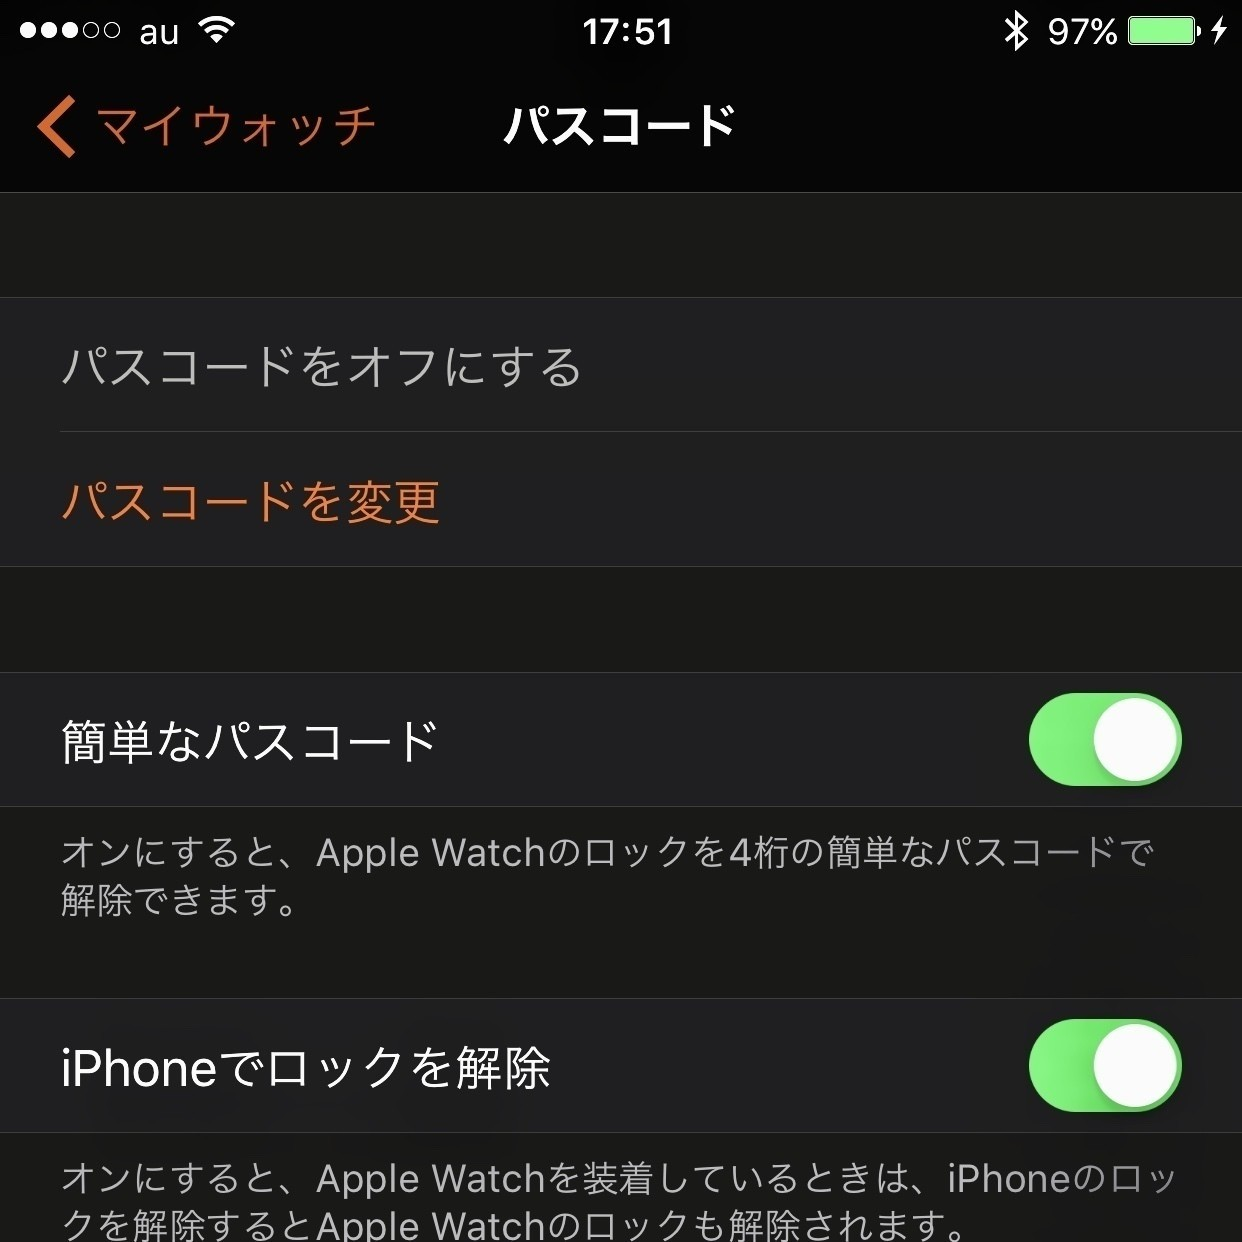 変更 iphone パス コード